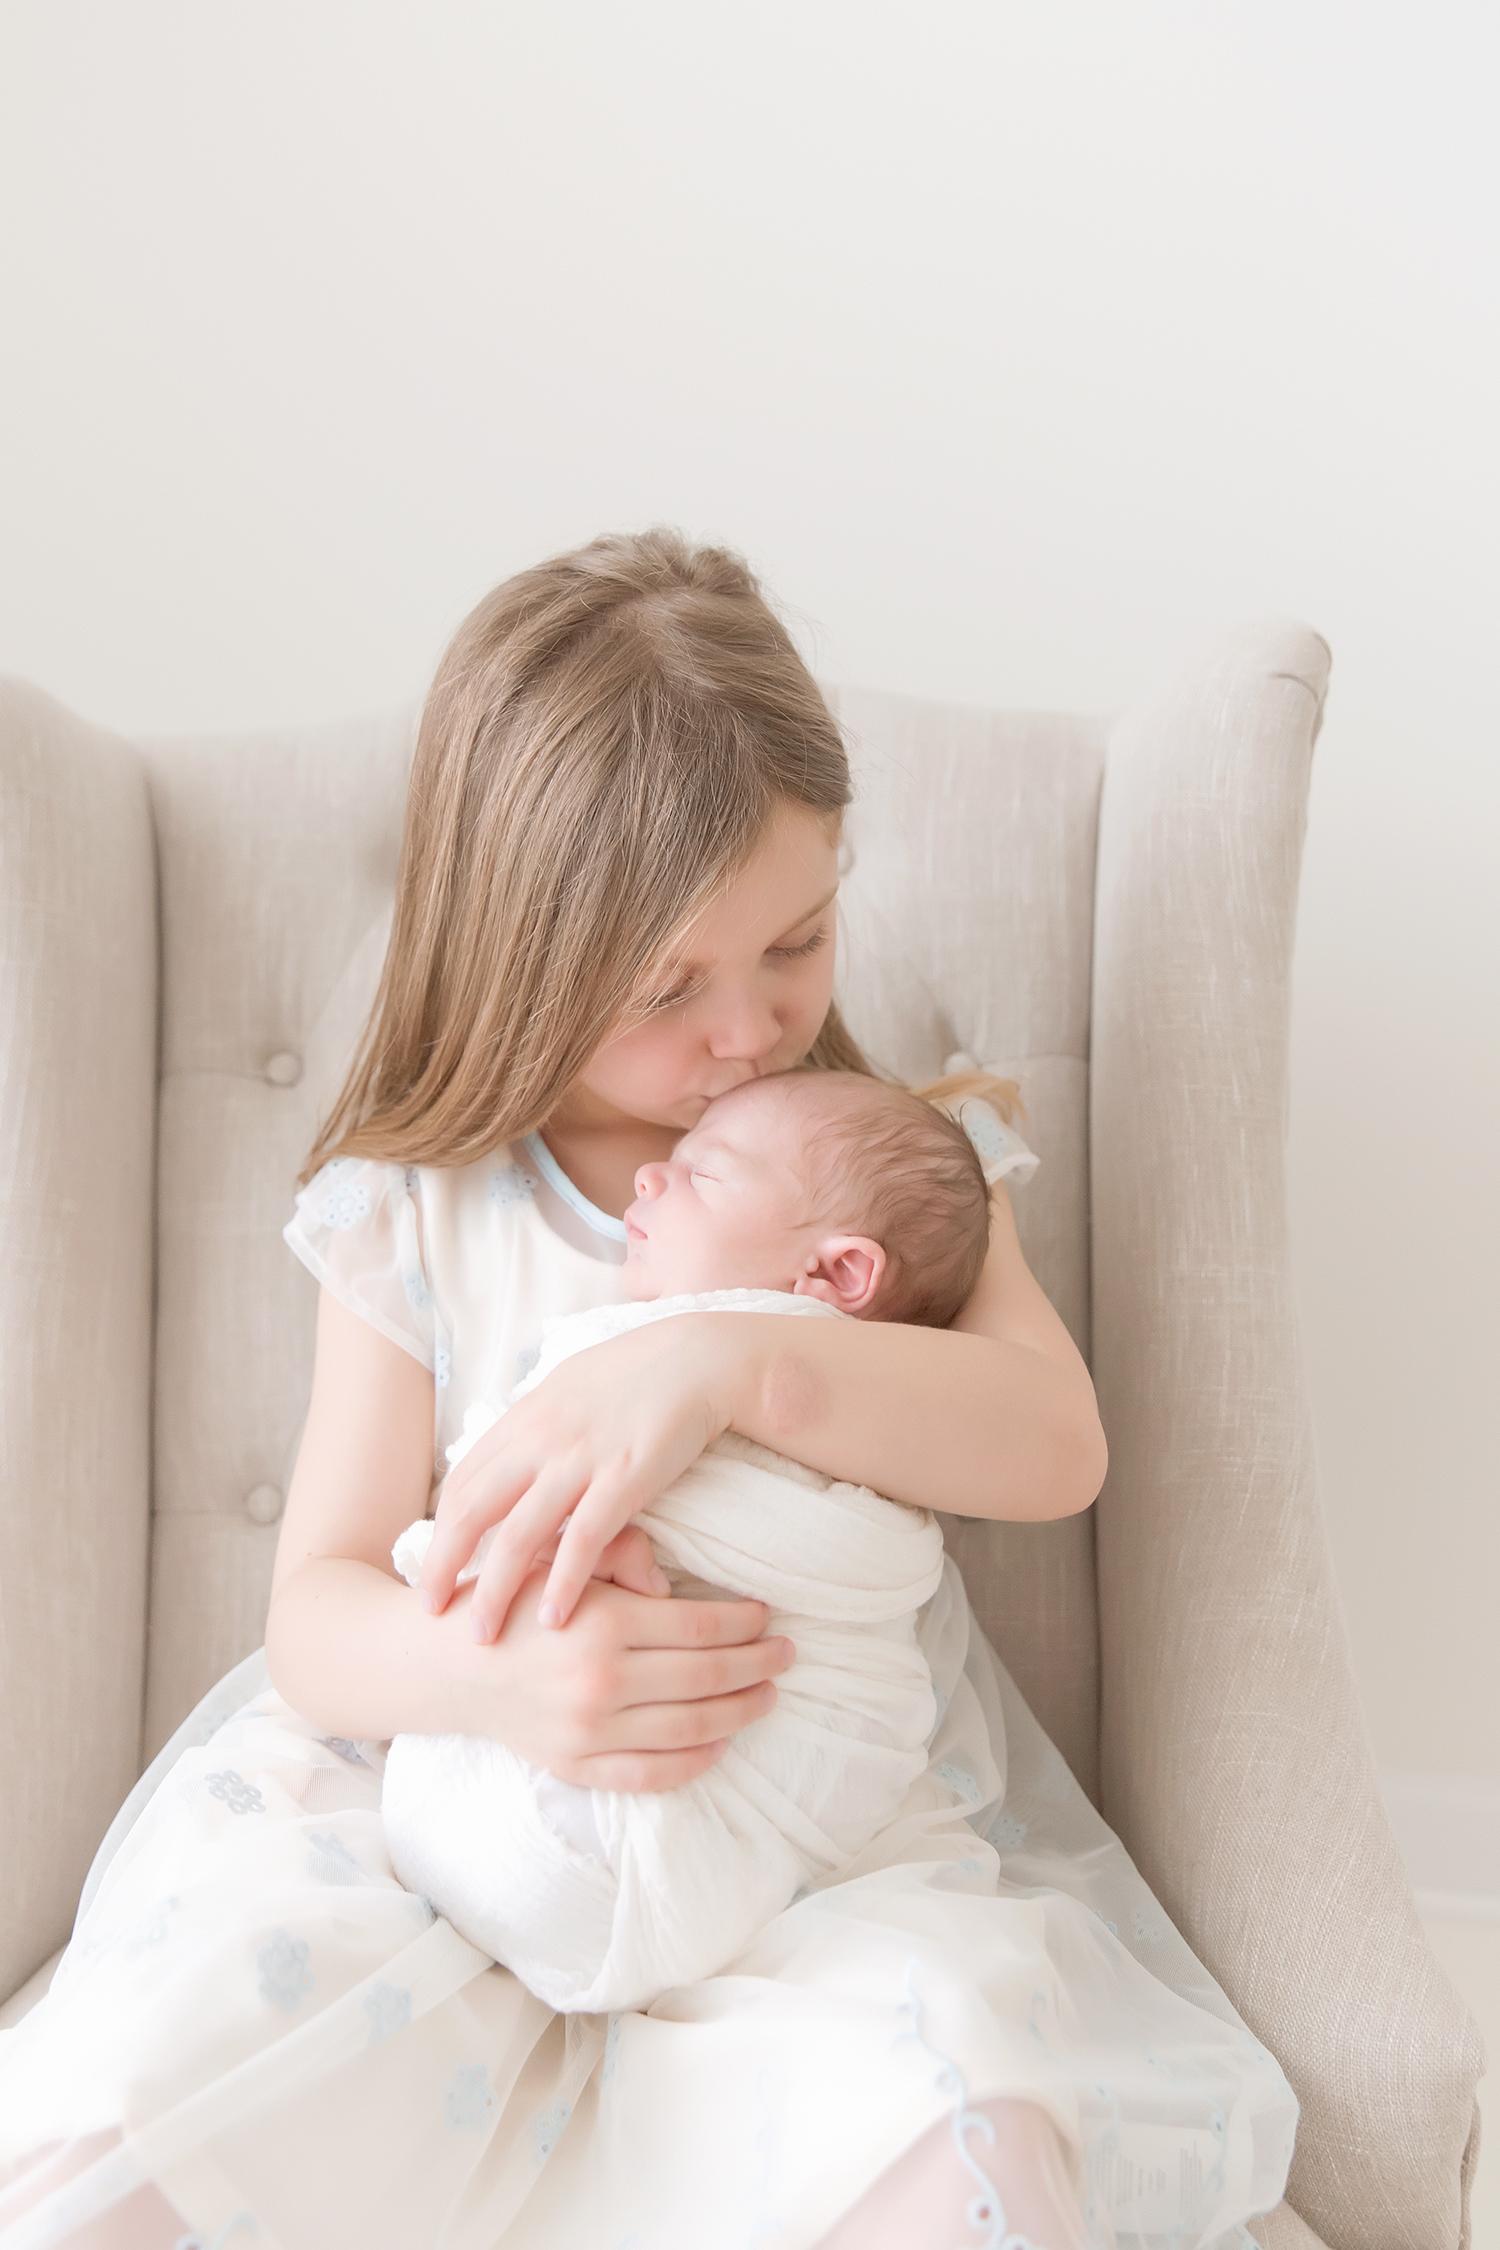 Northern-VA-Newborn-Photographer-Northern-VA-Newborn-Photographer-190.jpg